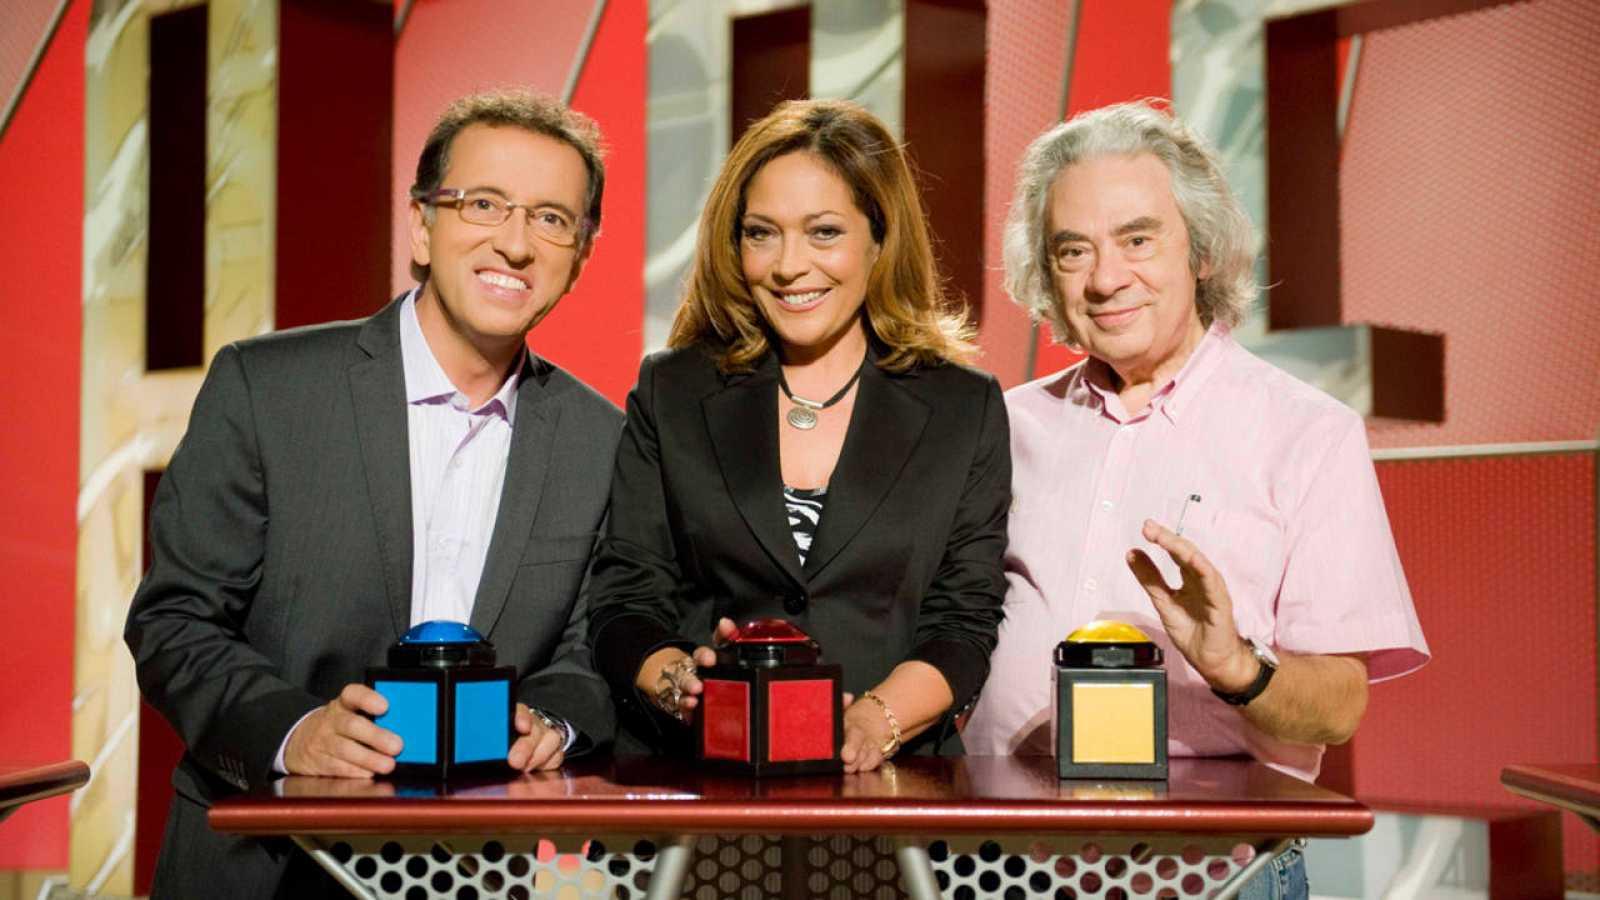 Sergi Schaaff junto a los presentadores Jordi Hurtado y Pilar Vázquez.